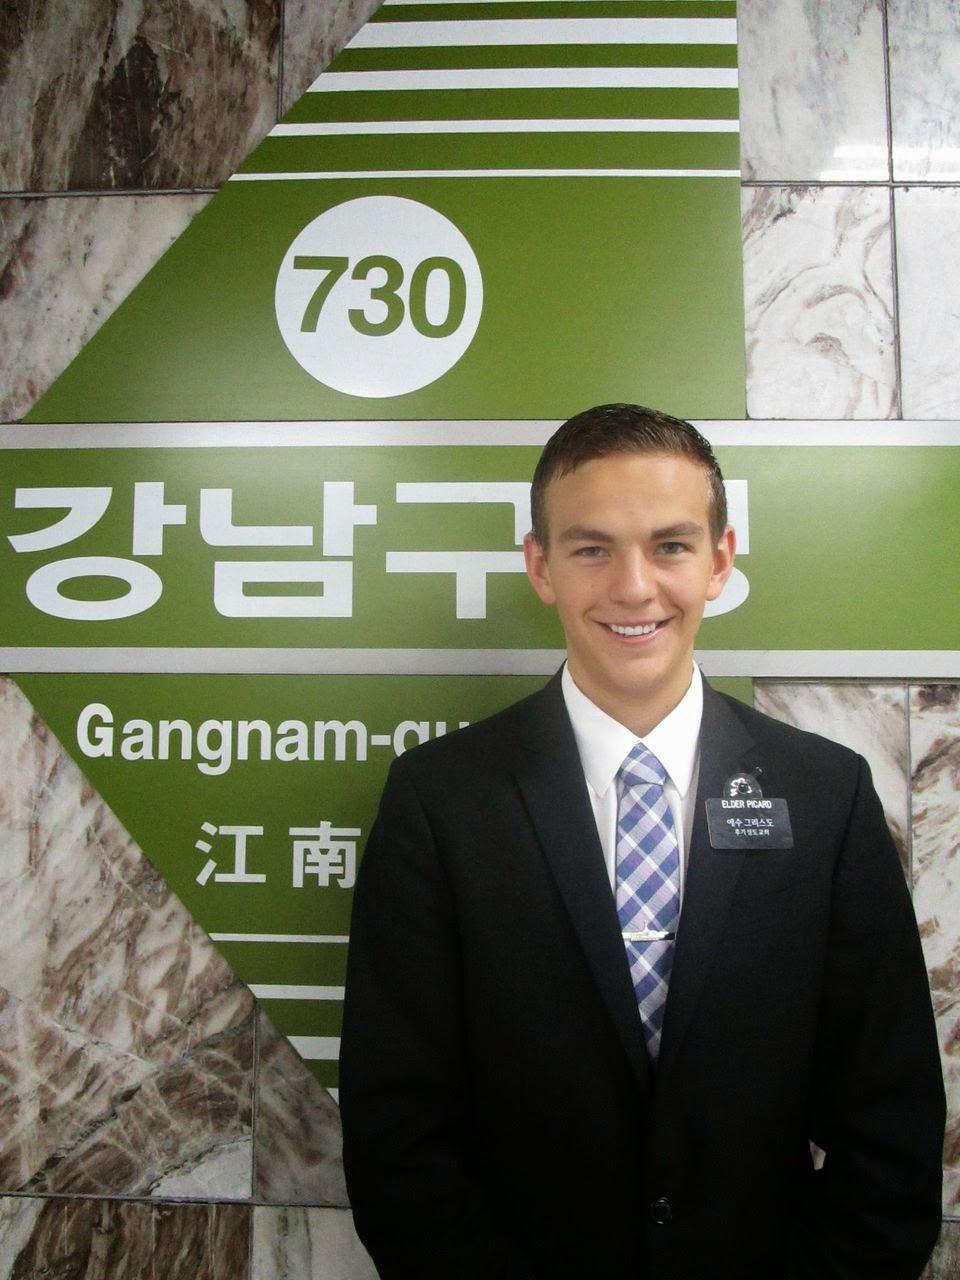 Gangnam, Korea